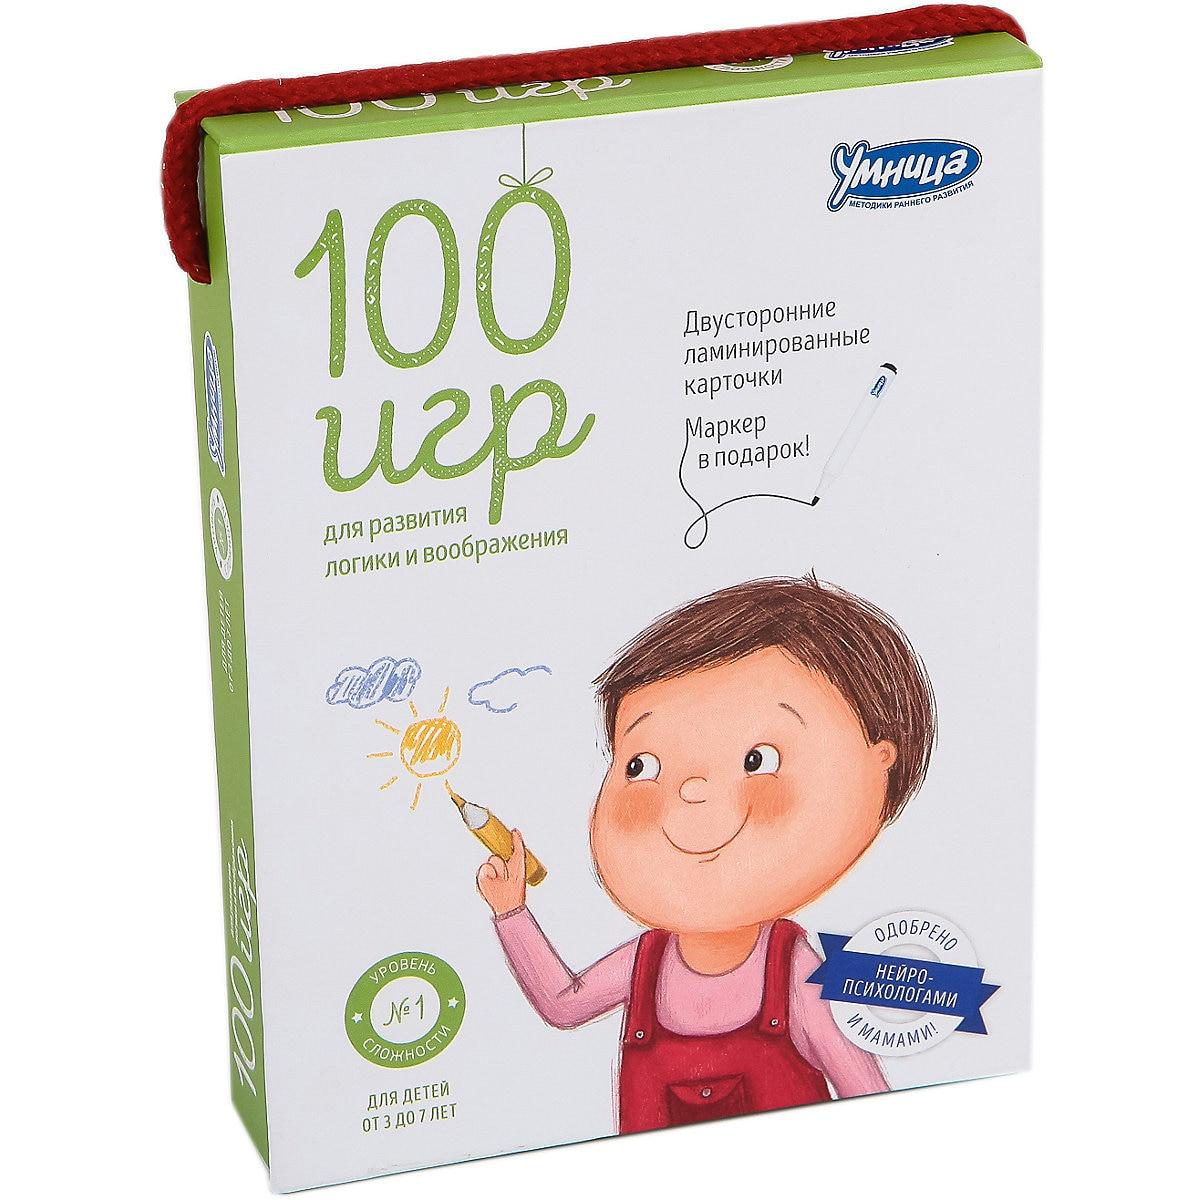 UMNITSA Books 5523166 MTpromo